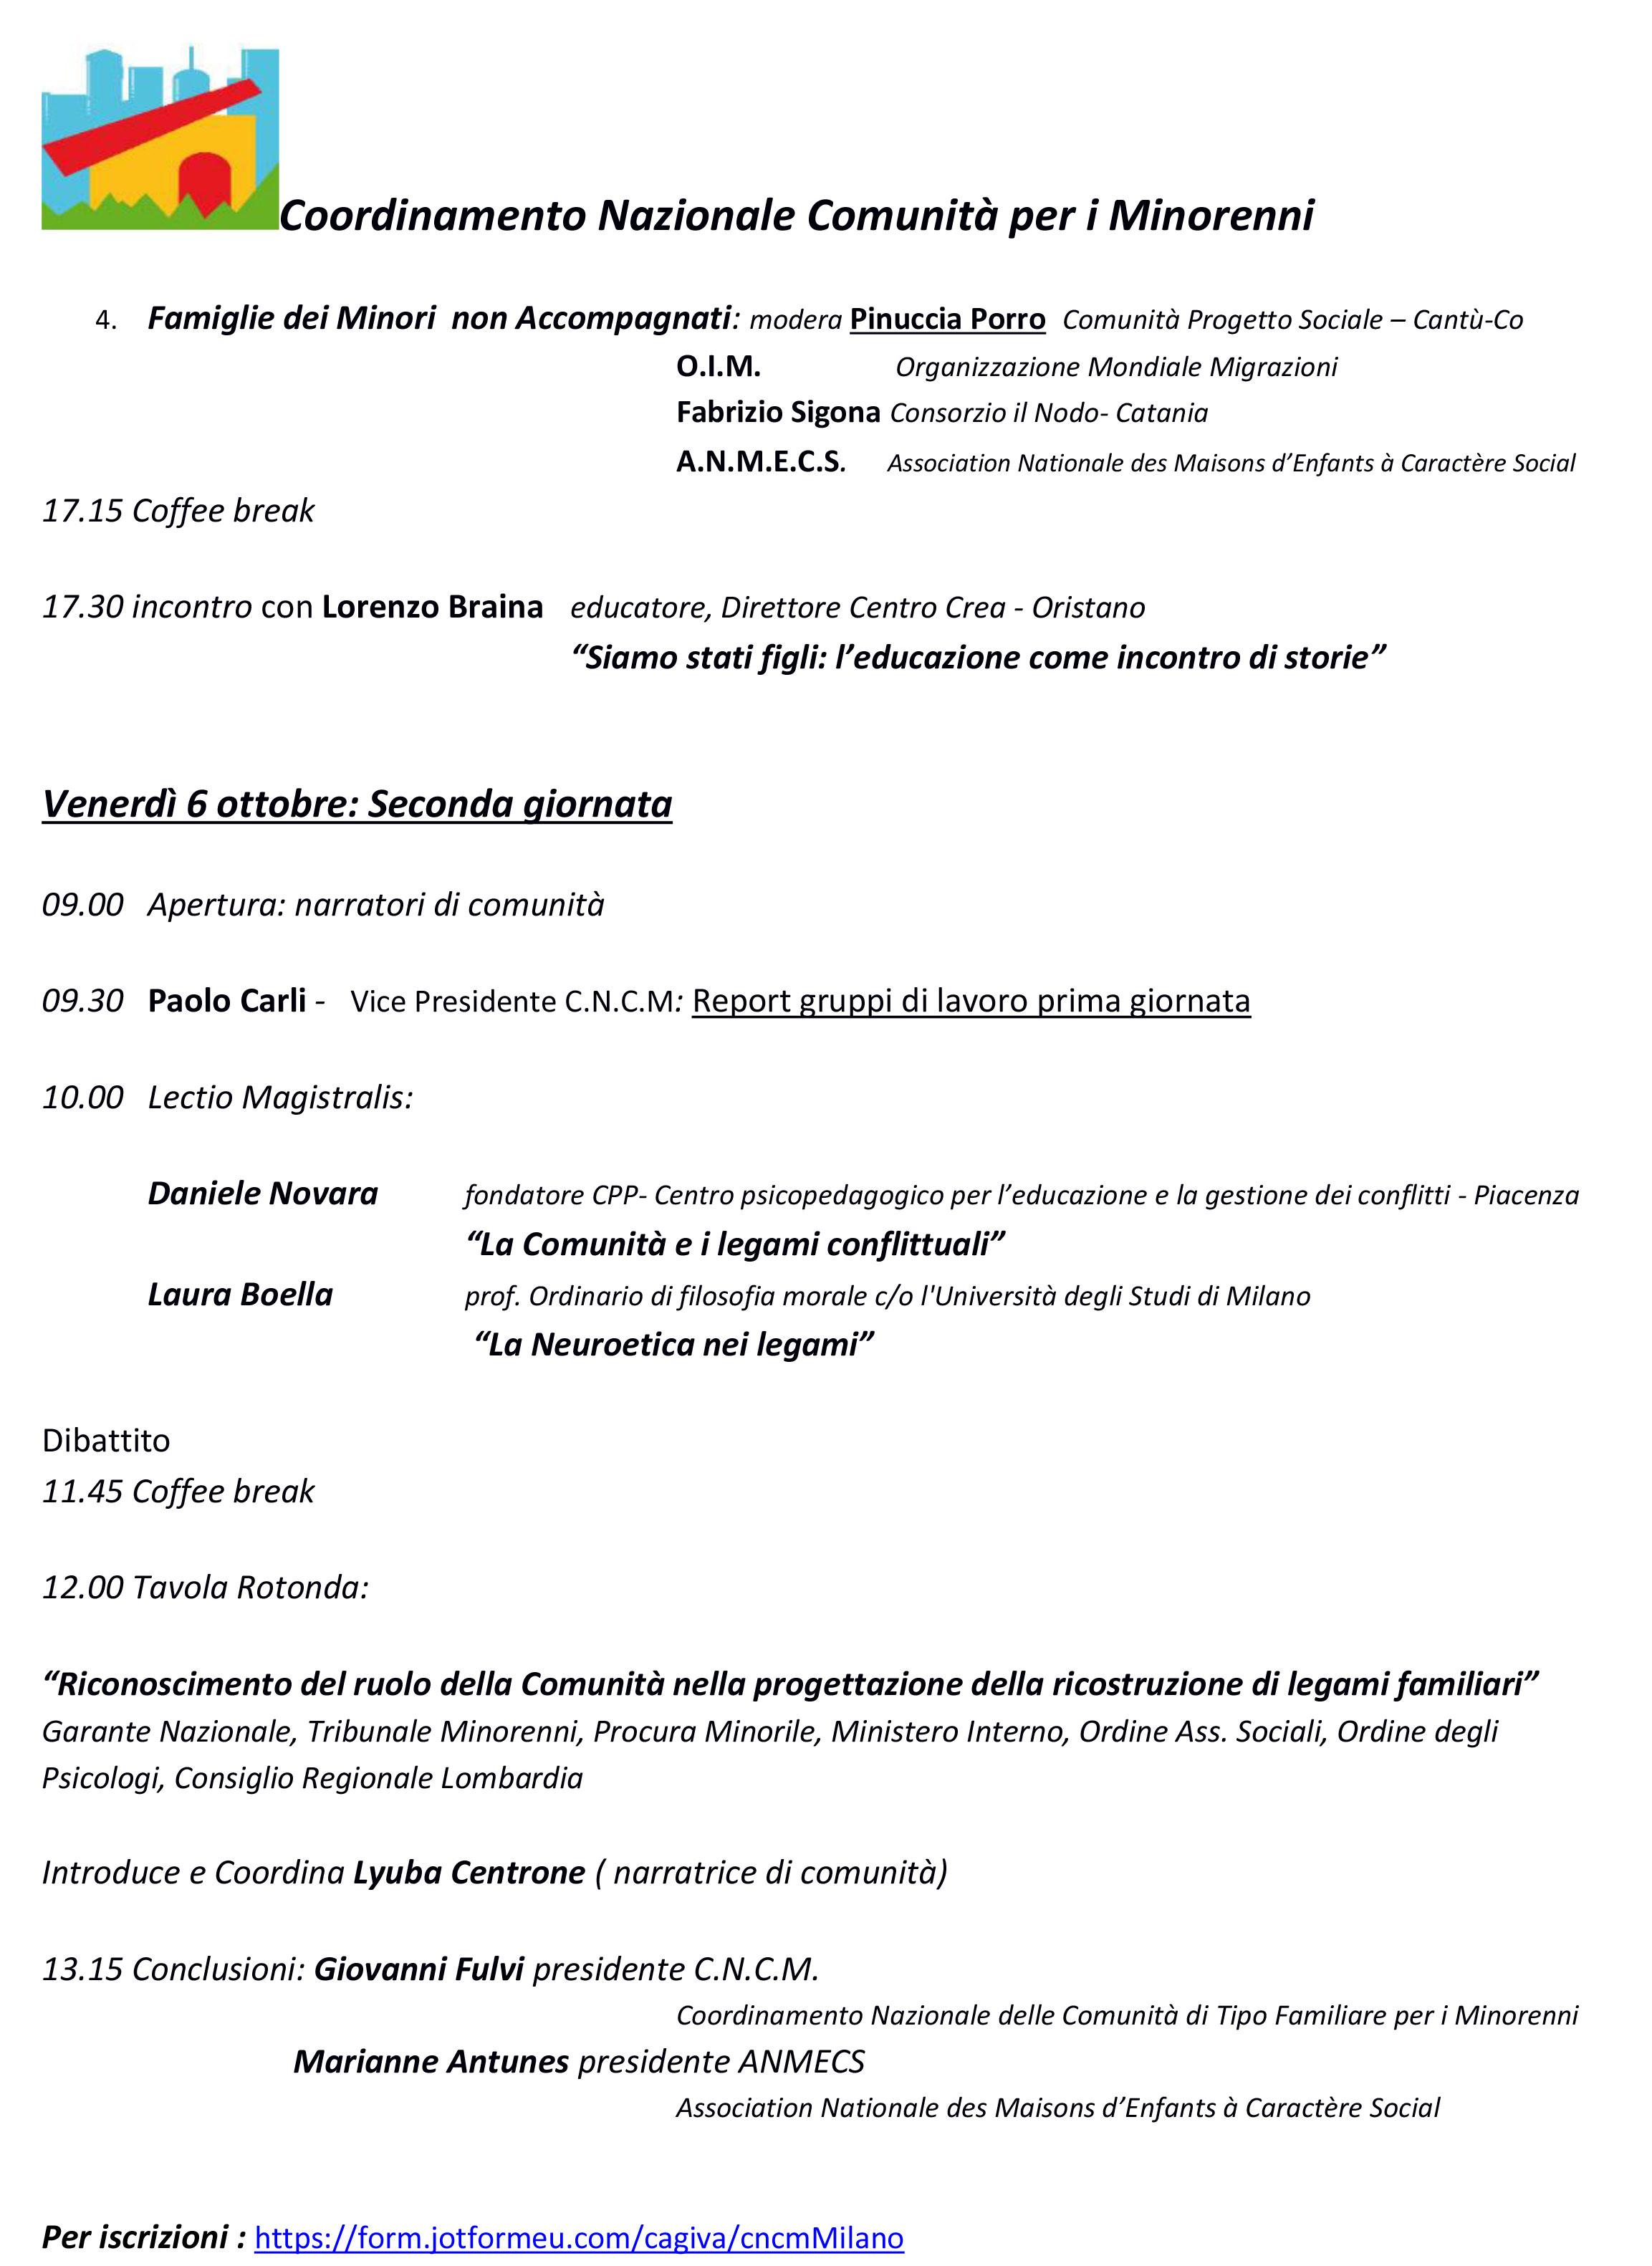 programma-convegno-milano-2017-2